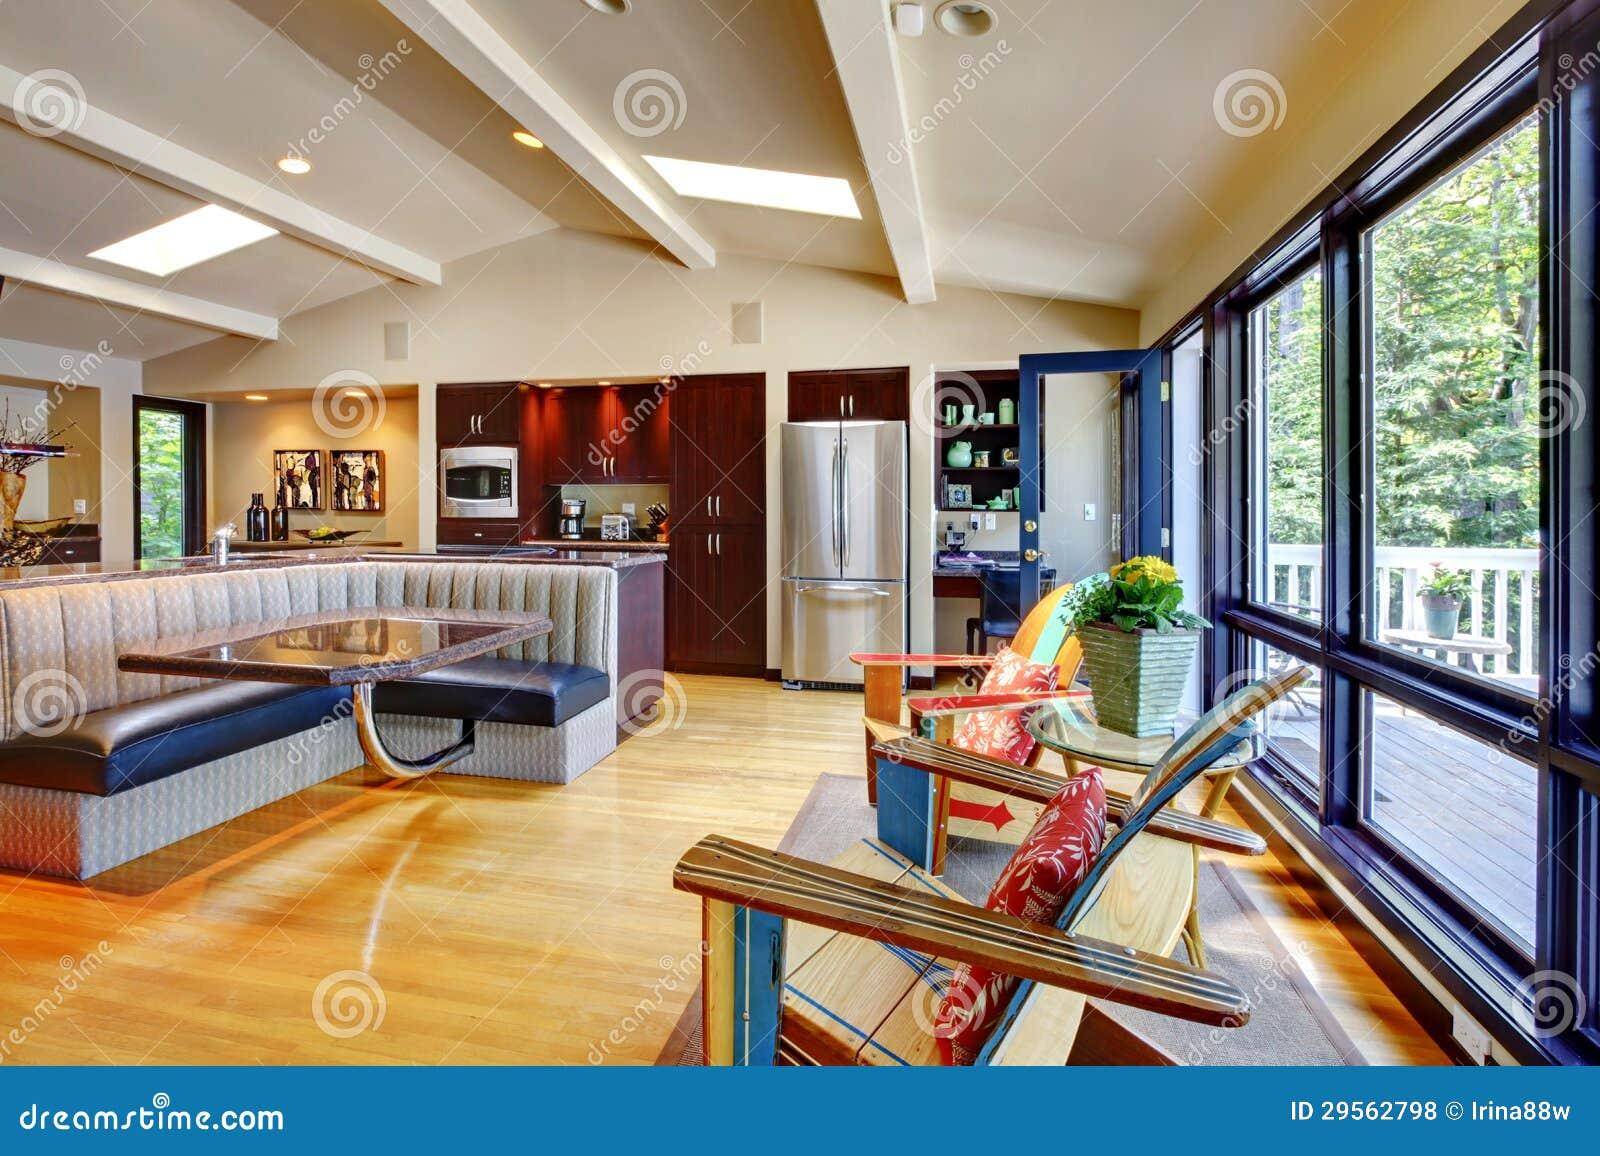 Interni Moderni Cucine : Apra il salone e la cucina interni domestici di lusso moderni